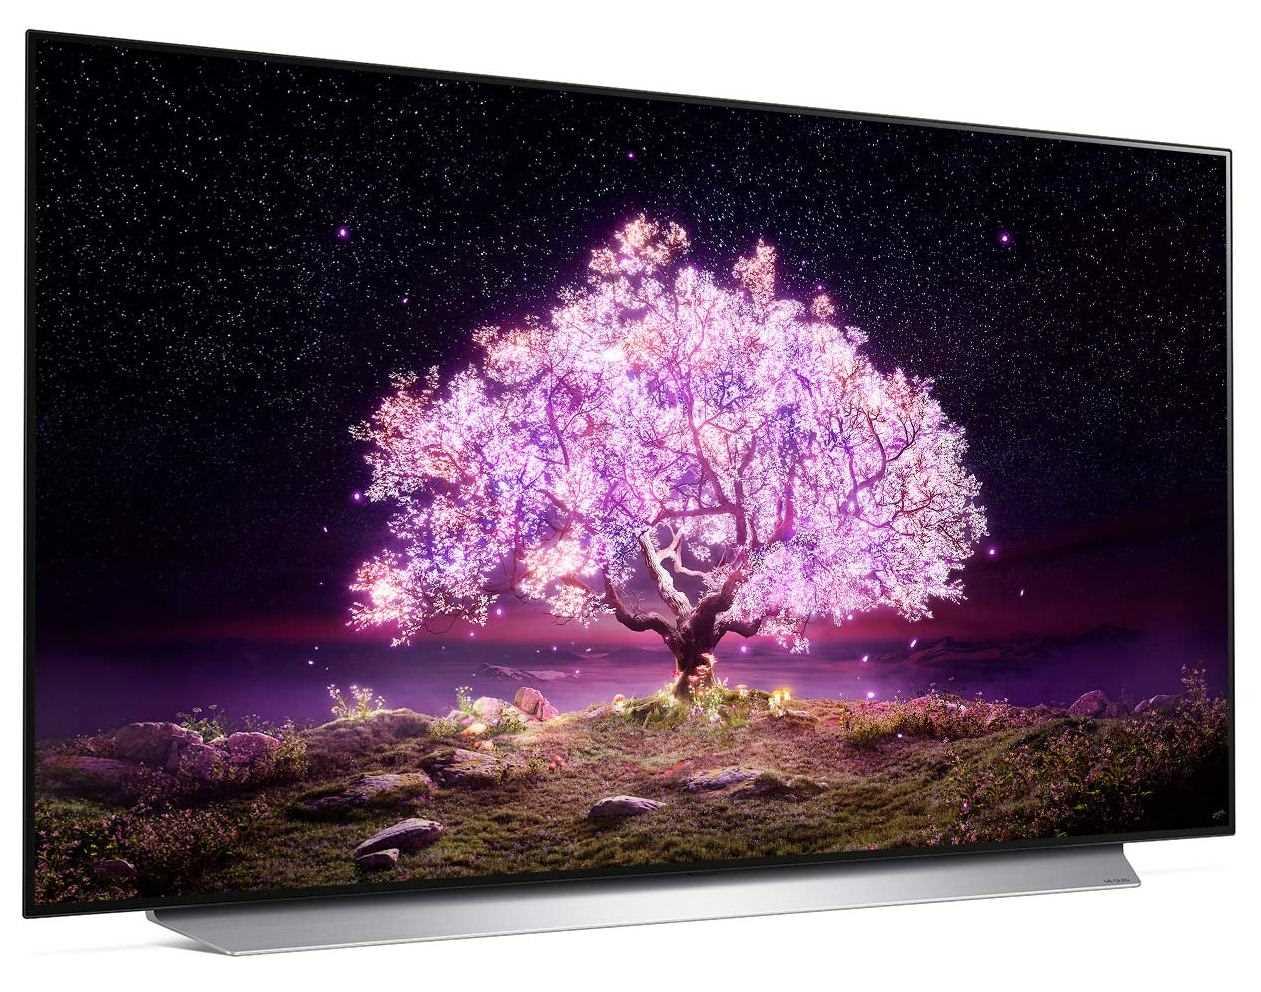 טלוויזיה 77 אינץ' דגם OLED 77C1PVA  בטכנולוגיית LG 4K Ultra HD אל ג'י - תמונה 6